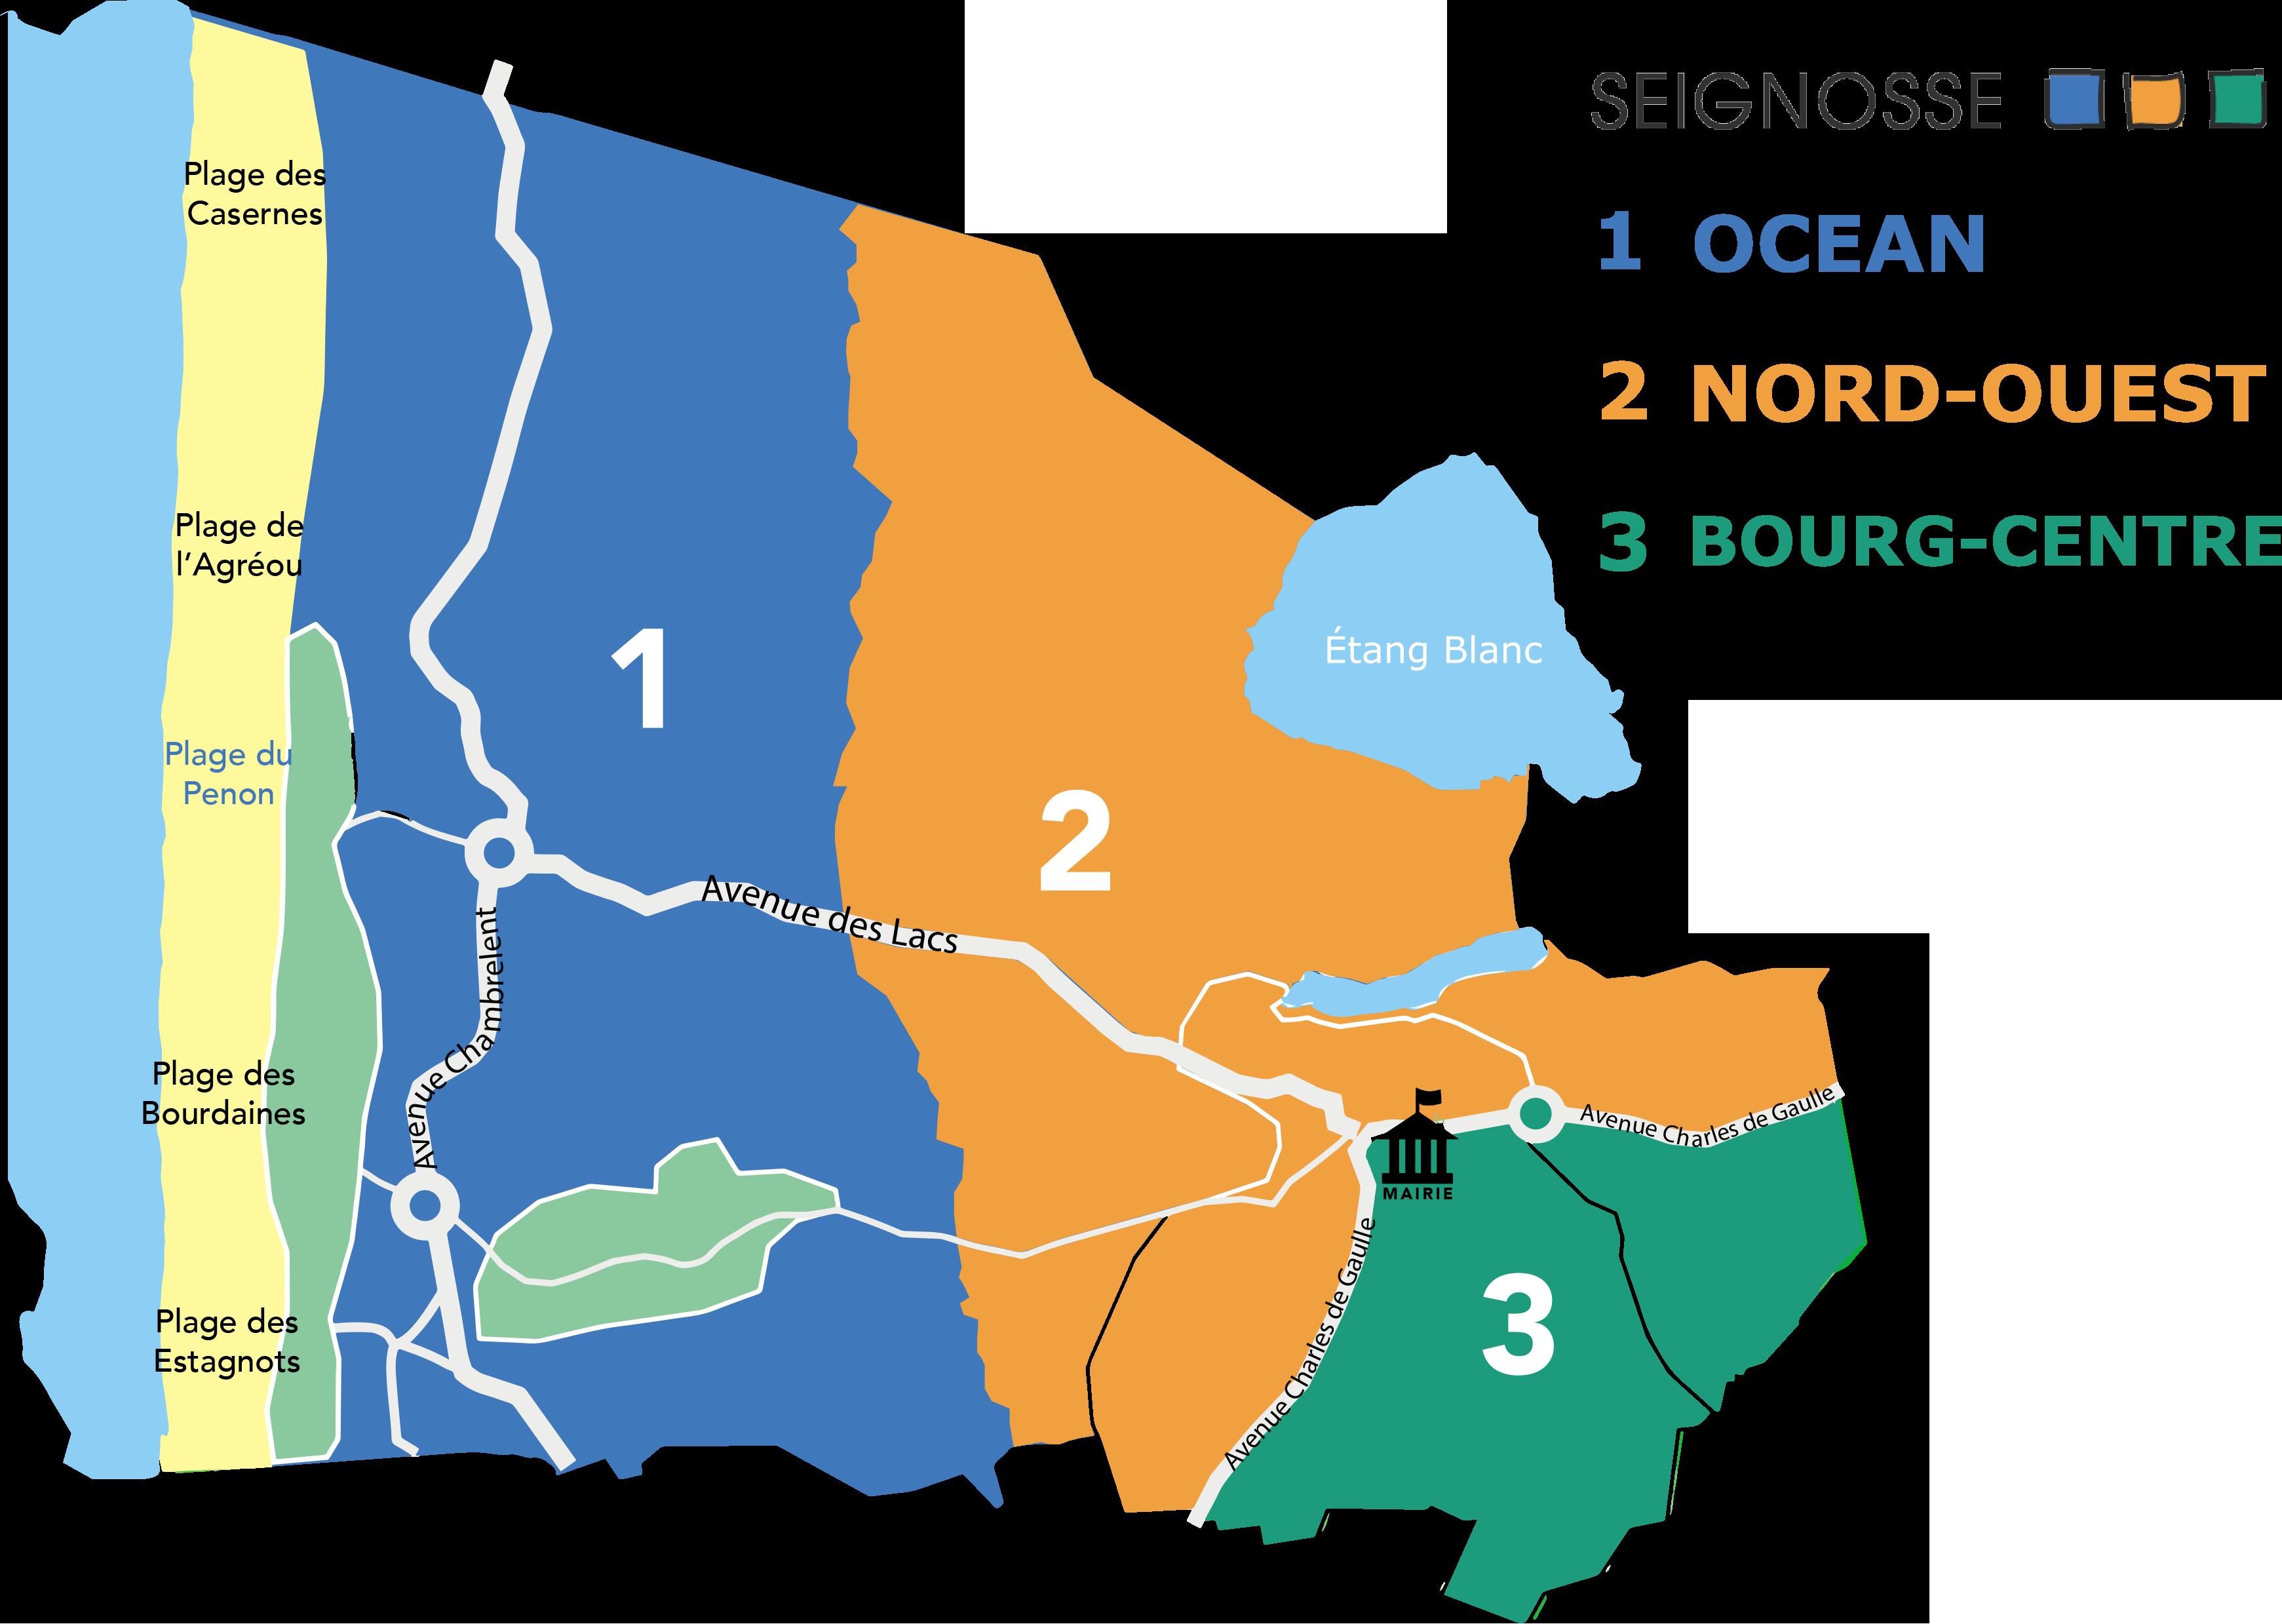 Réunion de quartier Seignosse Nord-Ouest CARTEFINALE 1 Réunions de quartiers Seignosse Réunions de quartiers CARTEFINALE 1